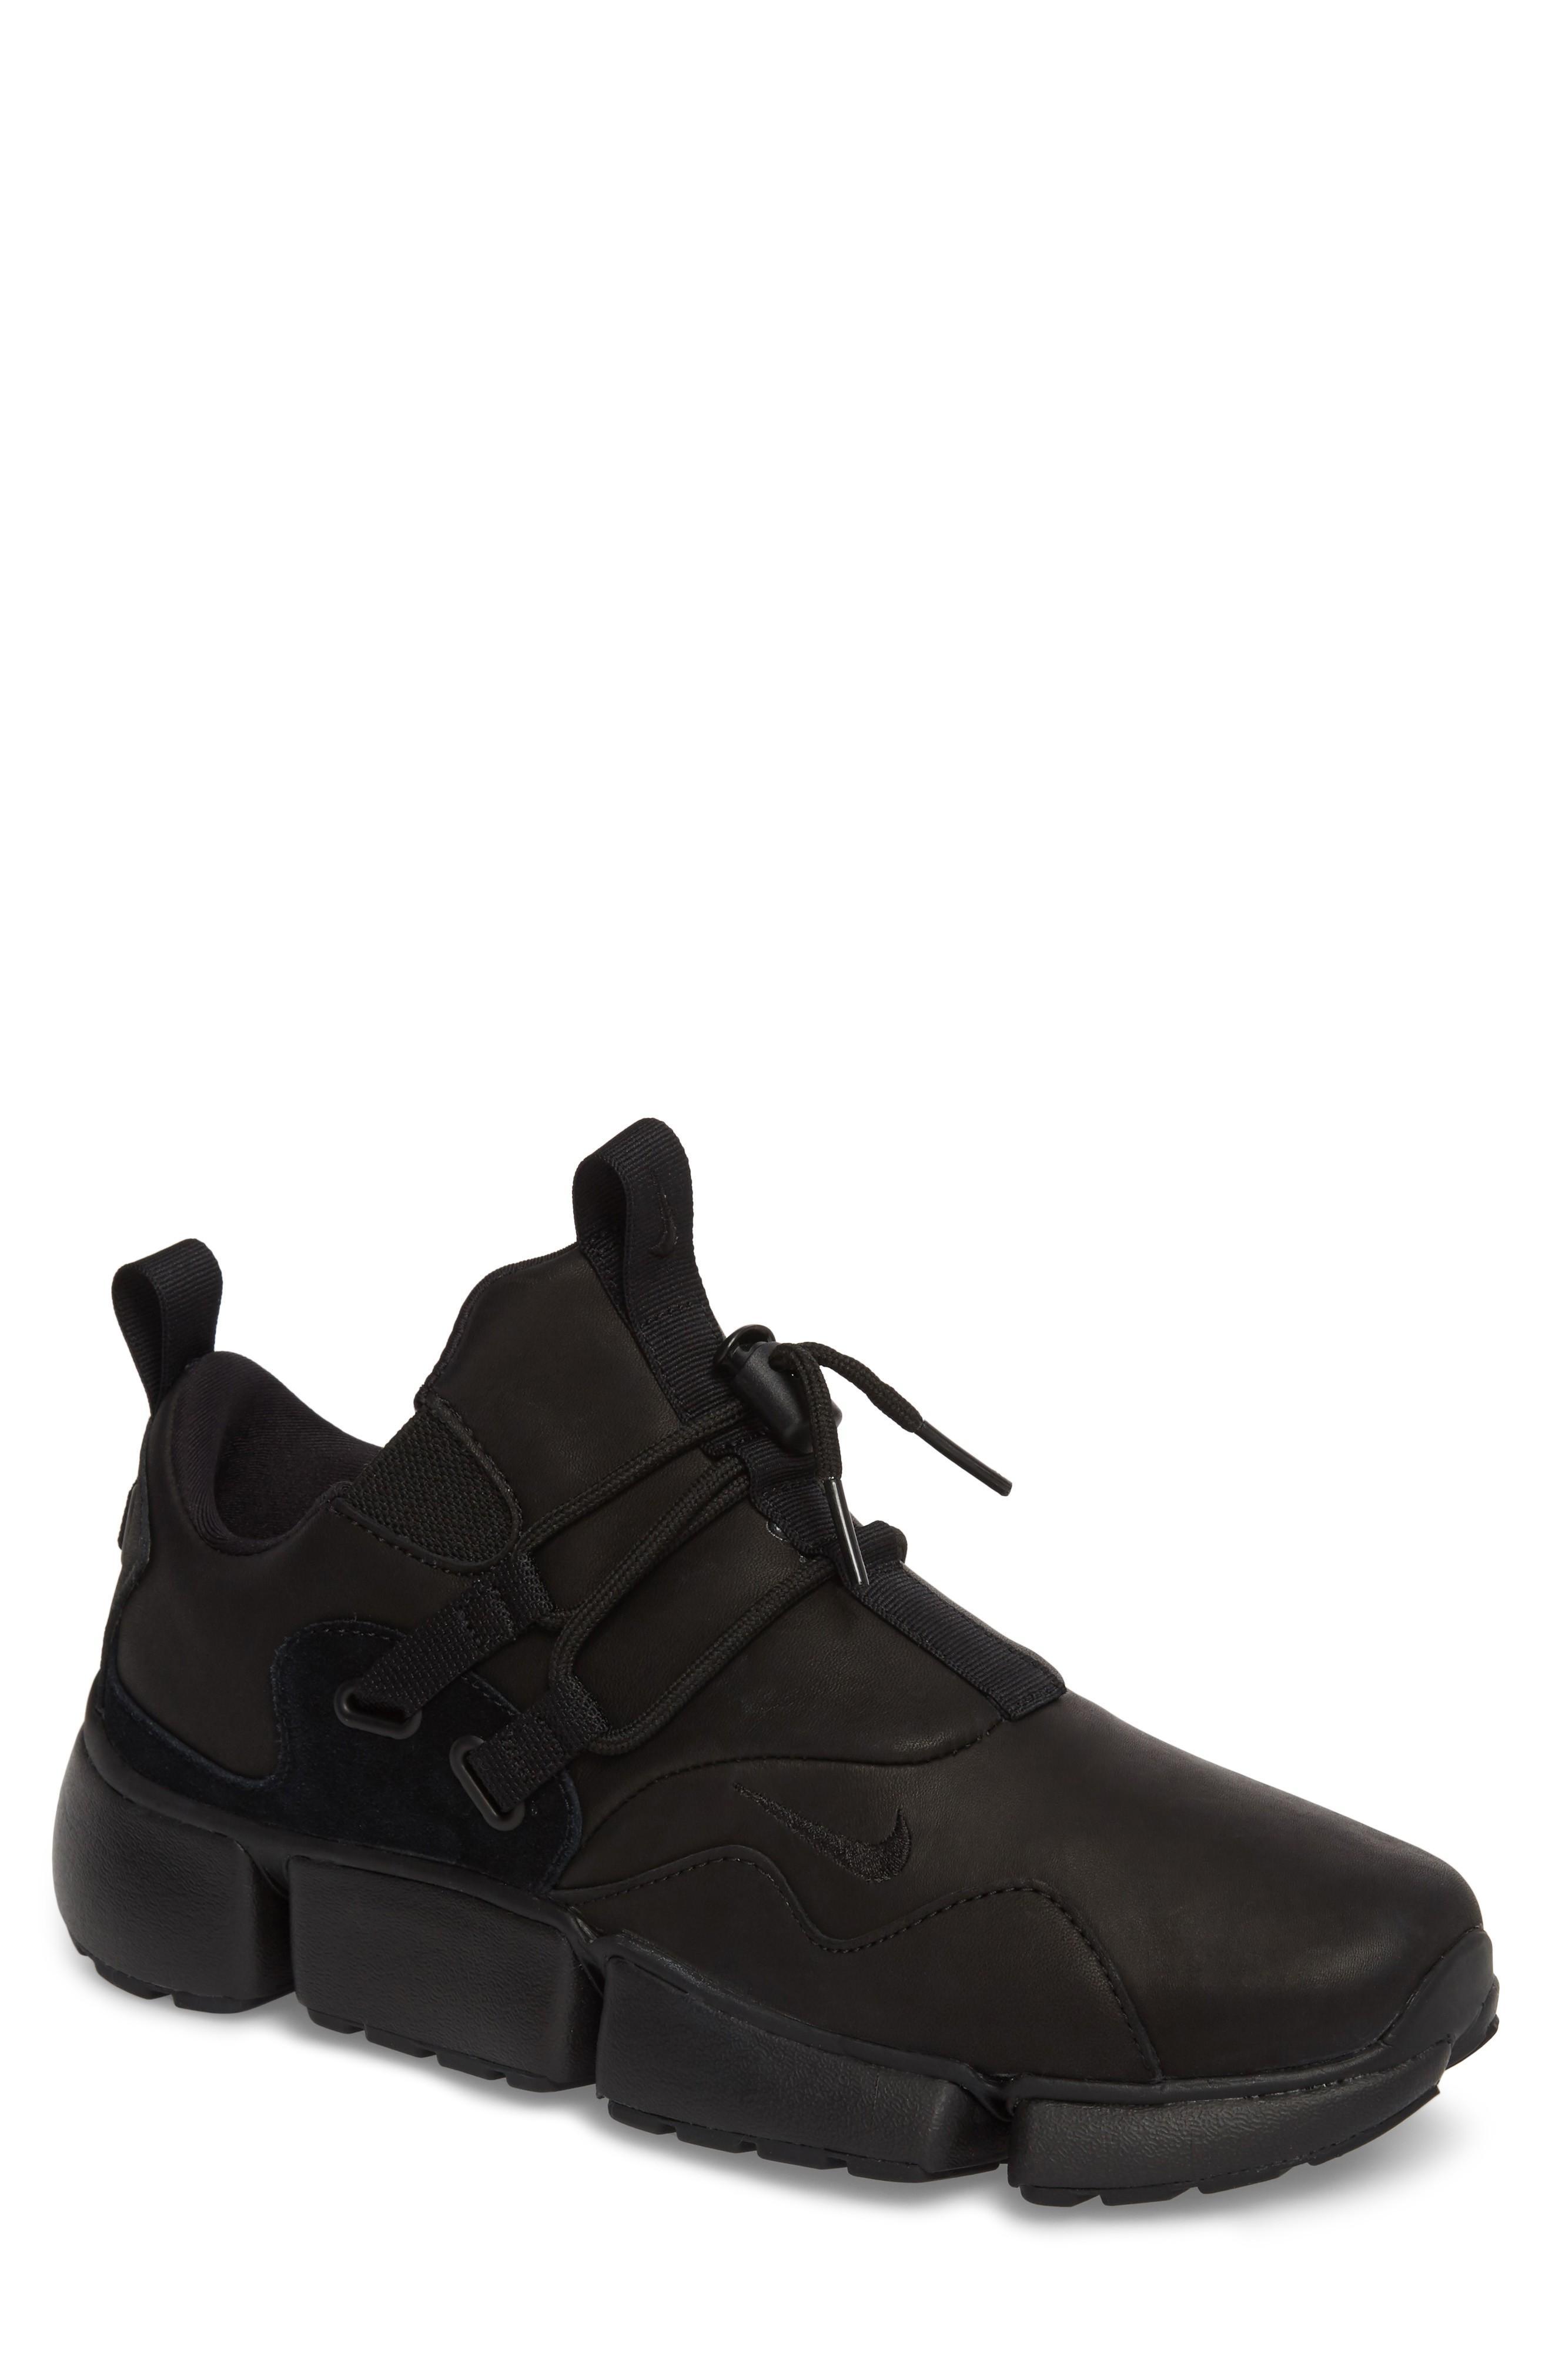 Nike Pocketknife Dm Sneaker In Black/ Black/ Black